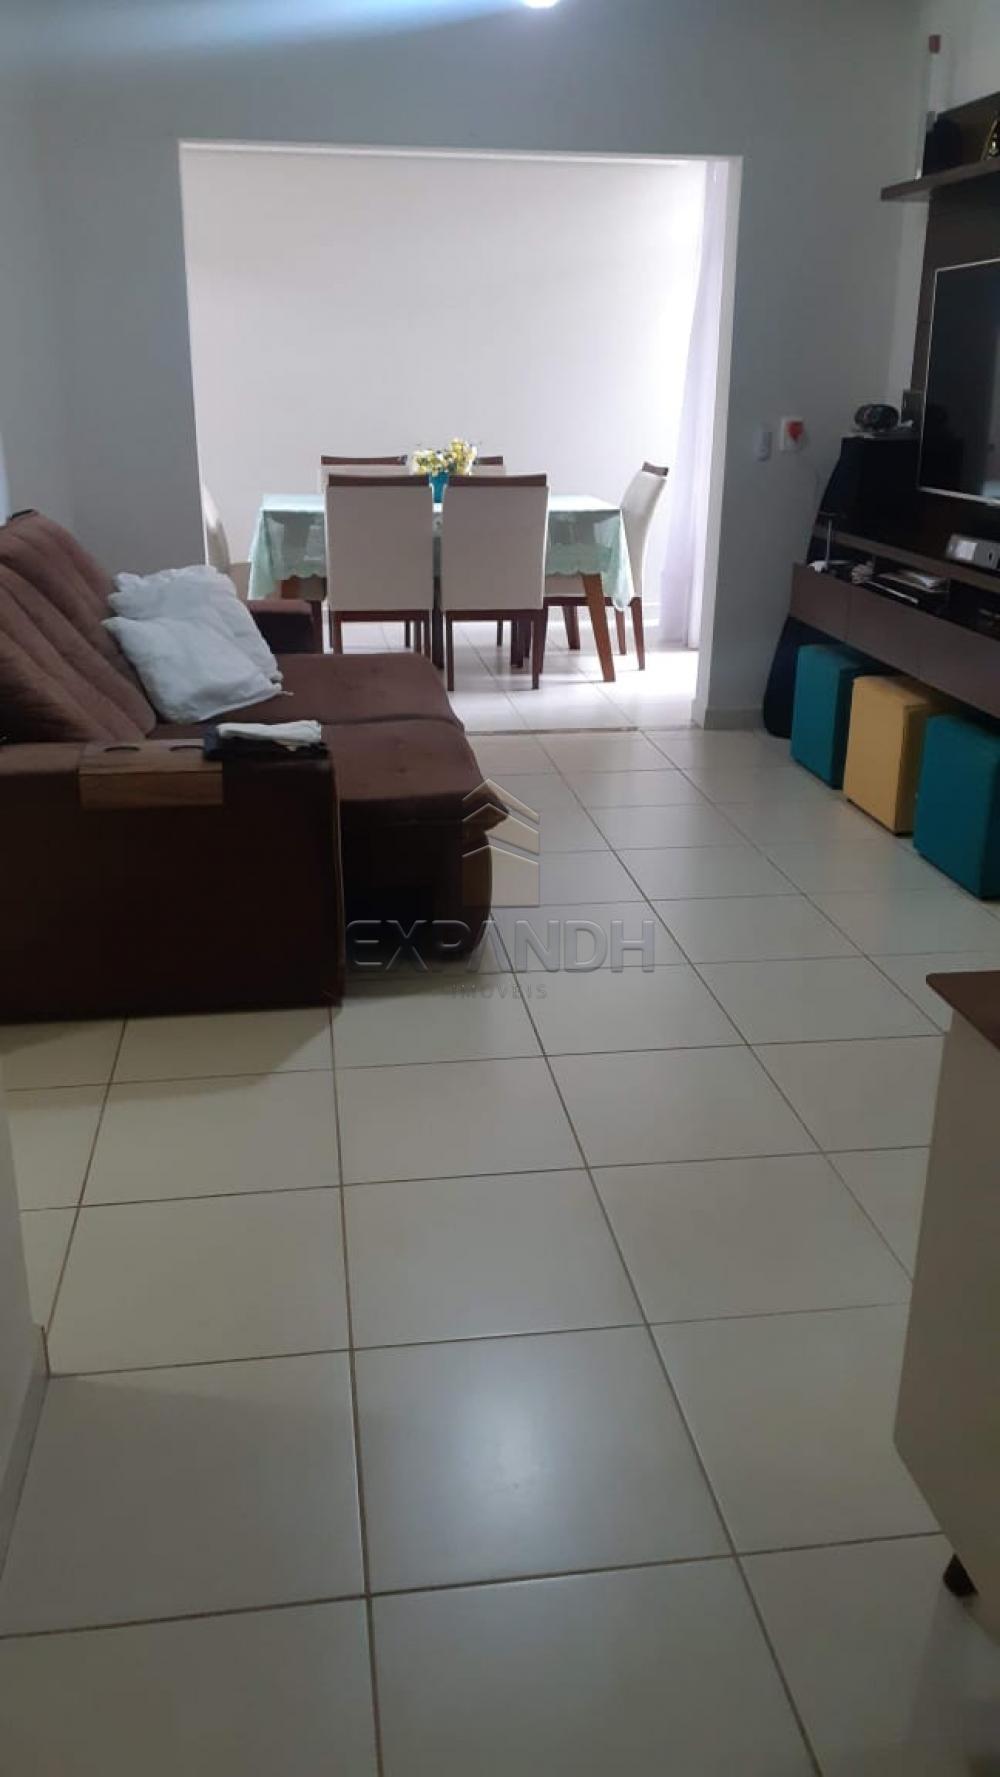 Comprar Apartamentos / Padrão em Sertãozinho apenas R$ 250.000,00 - Foto 5